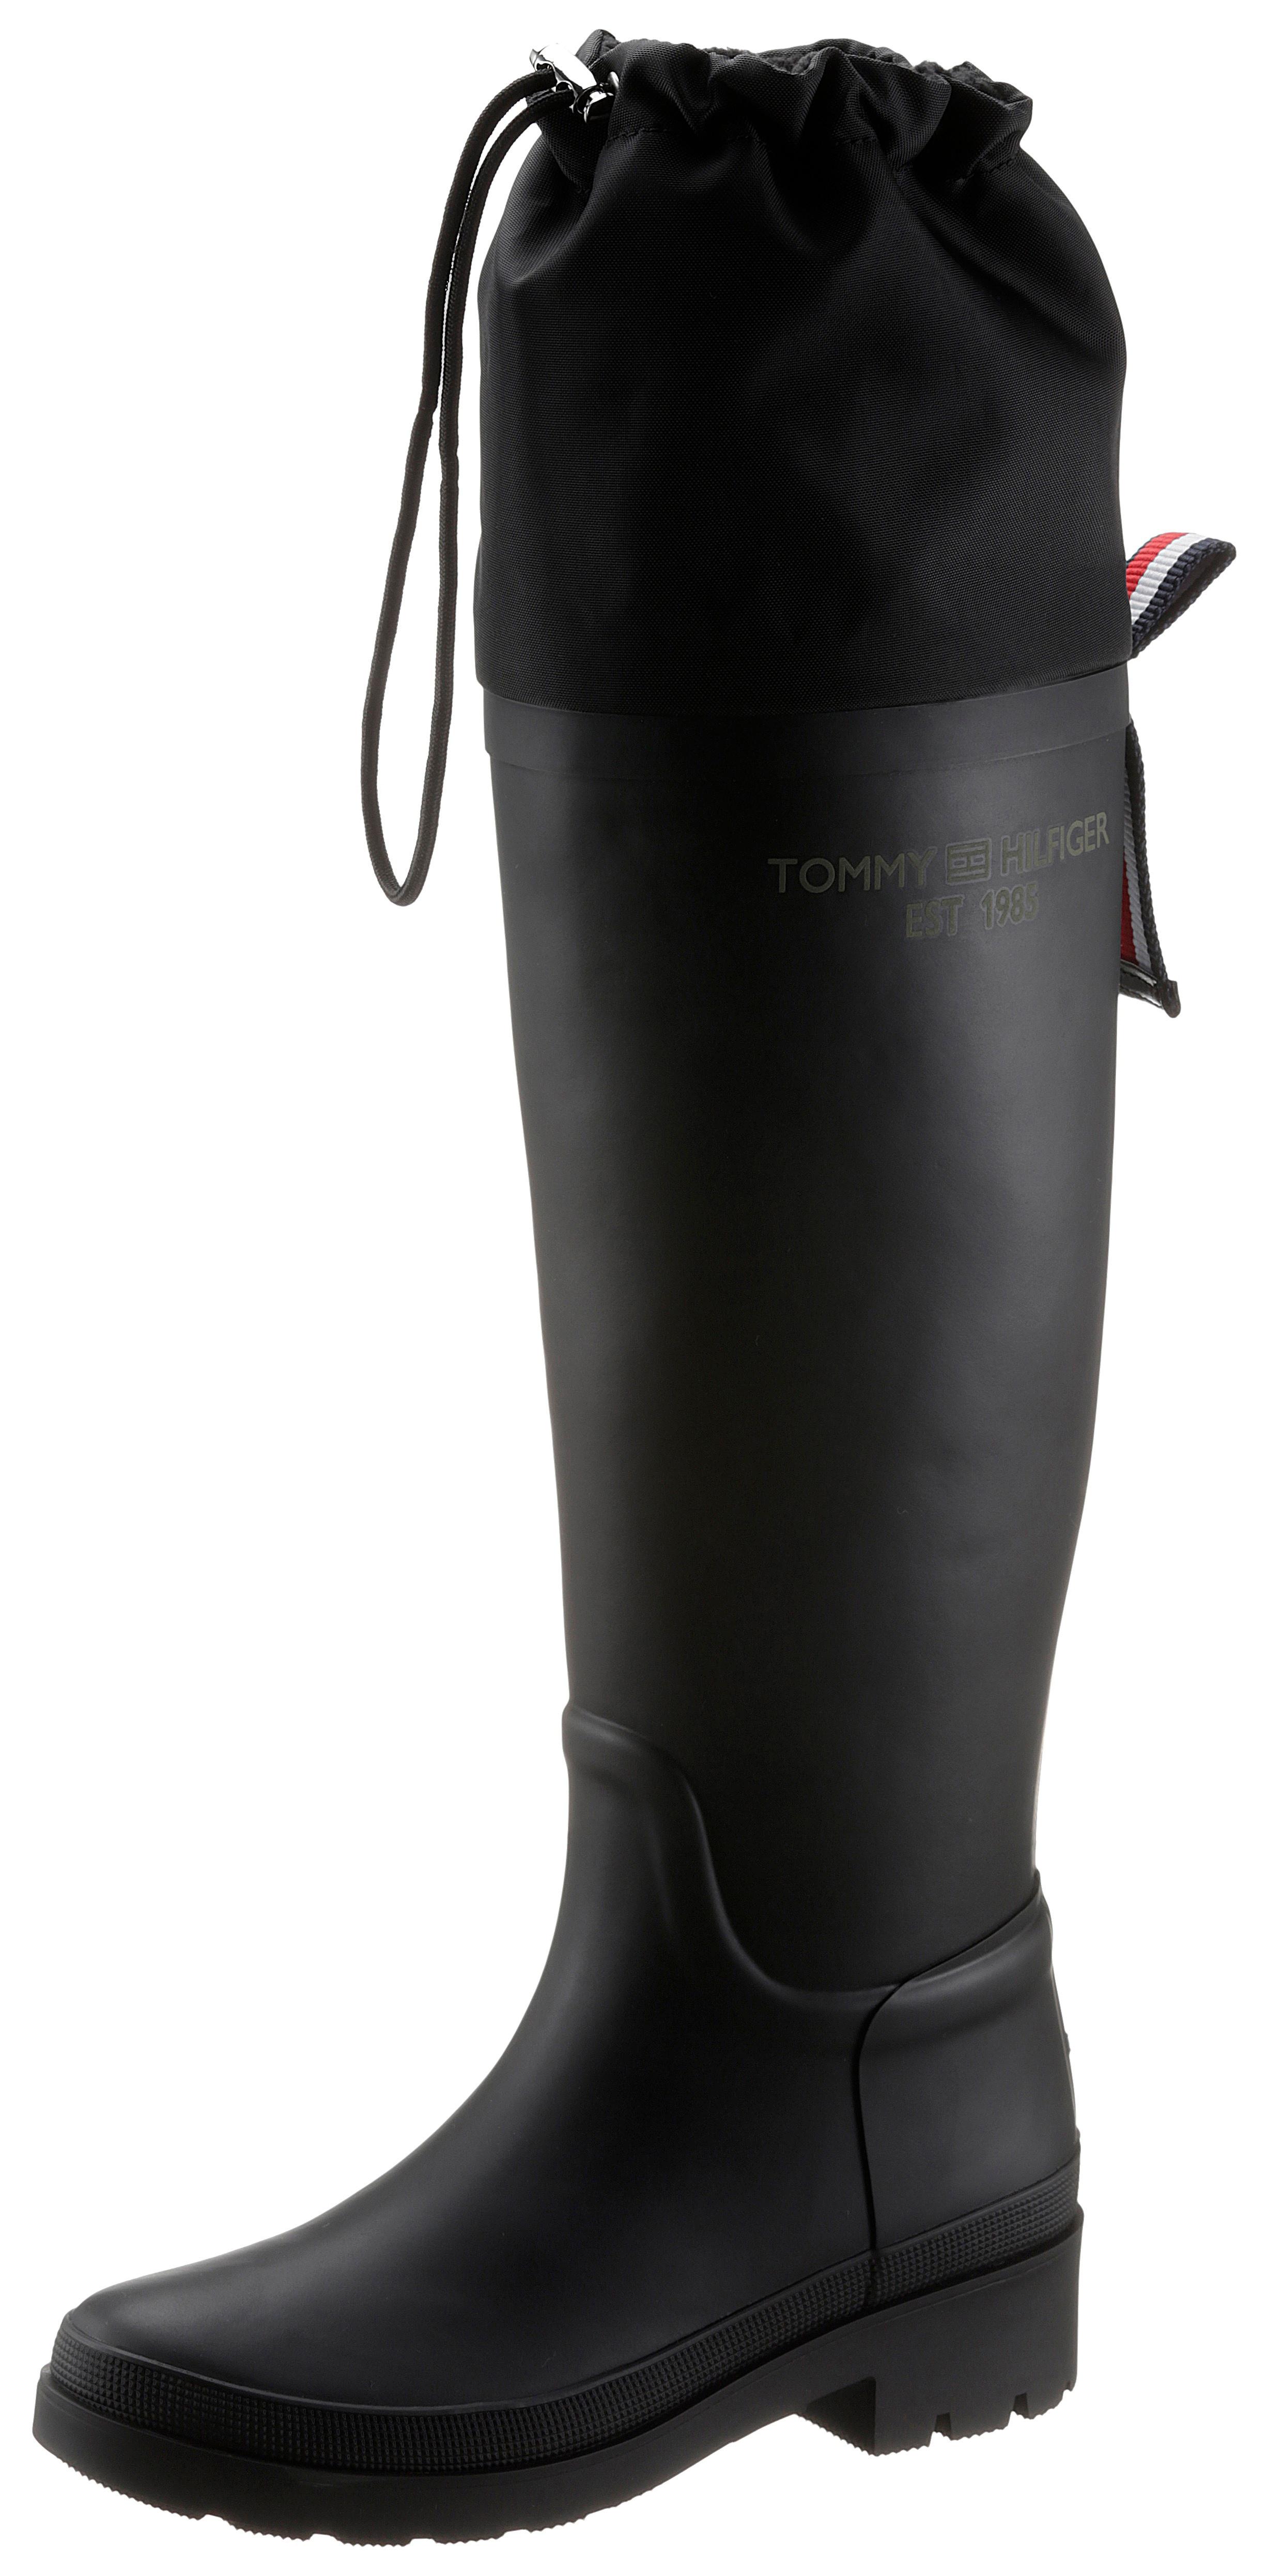 tommy hilfiger -  Gummistiefel TH OVERKNEE RAINBOOT, zum Schlupfen